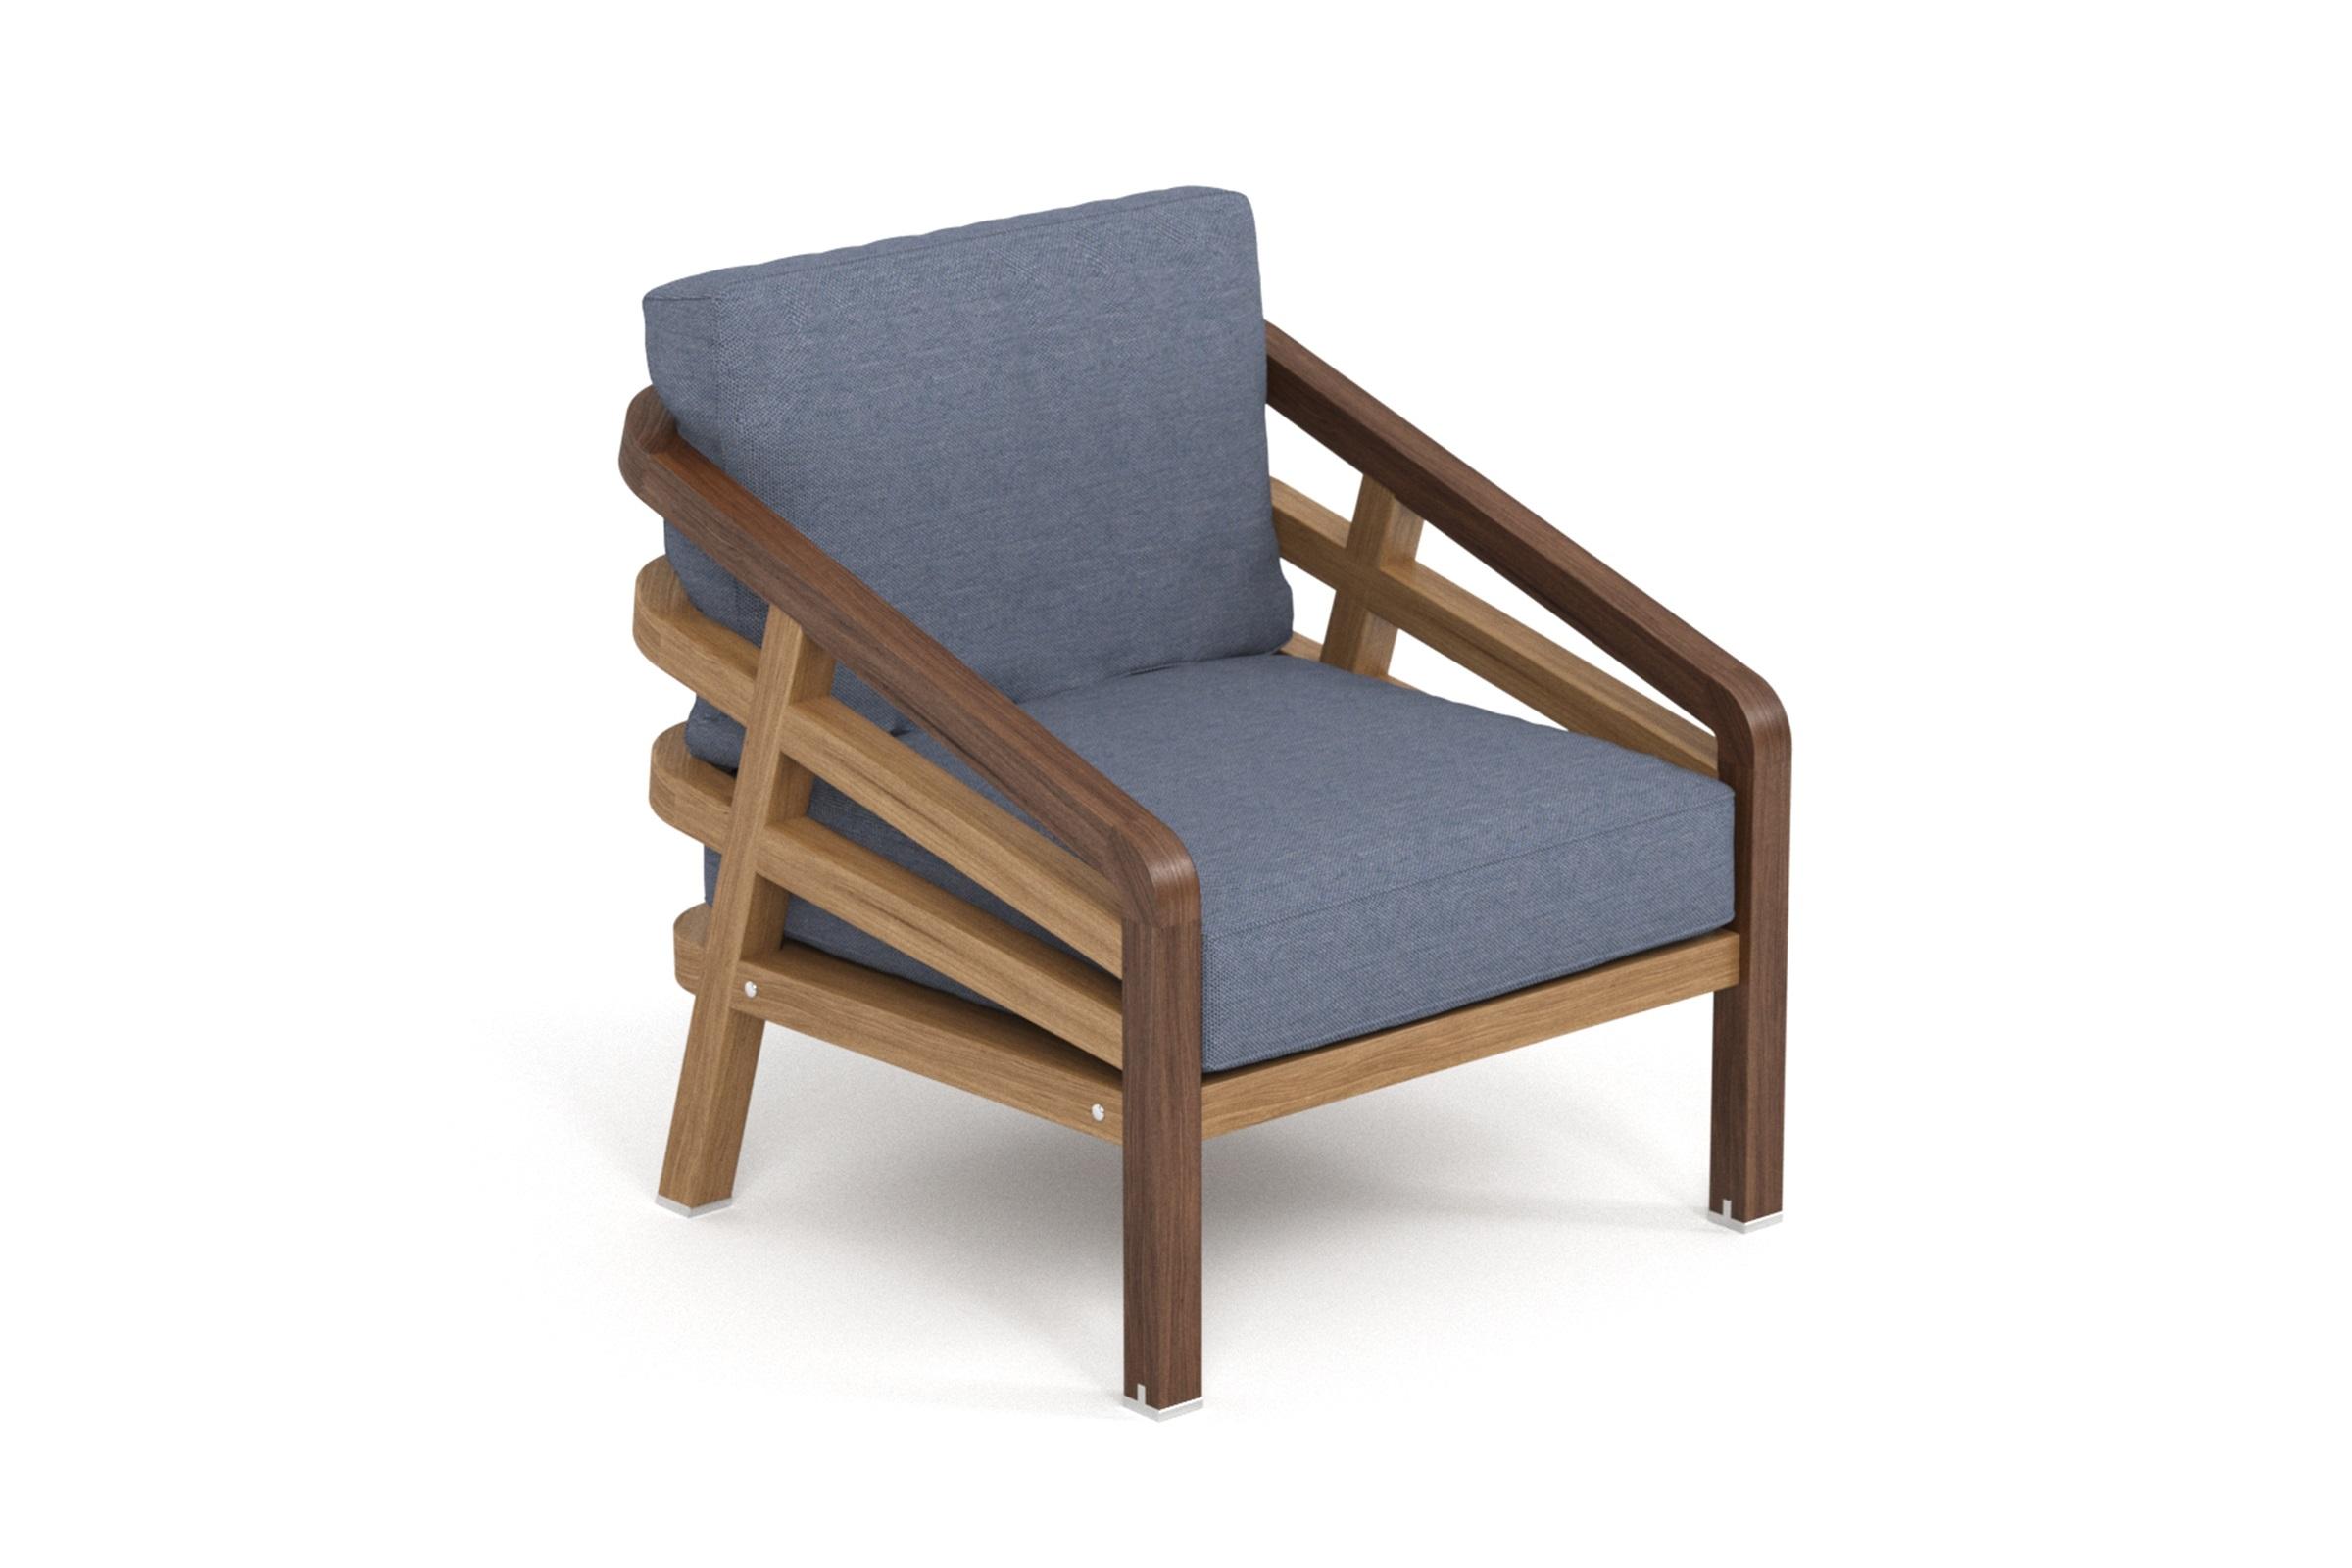 Кресло LagoonКресла для сада<br>Коллекция LAGOON – коллекция, предназначенная для обустройства тихого уединенного места, в котором можно полностью расслабиться и забыть о суете. Дизайн продуман так, чтобы можно было выбрать множество вариаций для отдыха: загорать на шезлонге или расположиться на удобном диване, подремать в кресле или понежиться на кушетке. Высота посадки:420мм. Тик – прочная и твердая древесина, относится к ценным породам. Мебель из тика допускает круглогодичную эксплуатацию на открытом воздухе, выдерживает перепады температур от –30 до +30С. Срок службы более 25 лет. Sunbrella® – акриловая ткань с водоотталкивающими свойствами от мирового лидера в производстве тканей для яхт. Ткани Sunbrella изготавливаются из окрашиваемого в растворе акрилового волокна. Обработка, препятствующая образованию пятен, защищает ткани Sunbrella, которые допускают машинную стирку и обеспечивают защиту от УФ-лучей<br><br>kit: None<br>gender: None